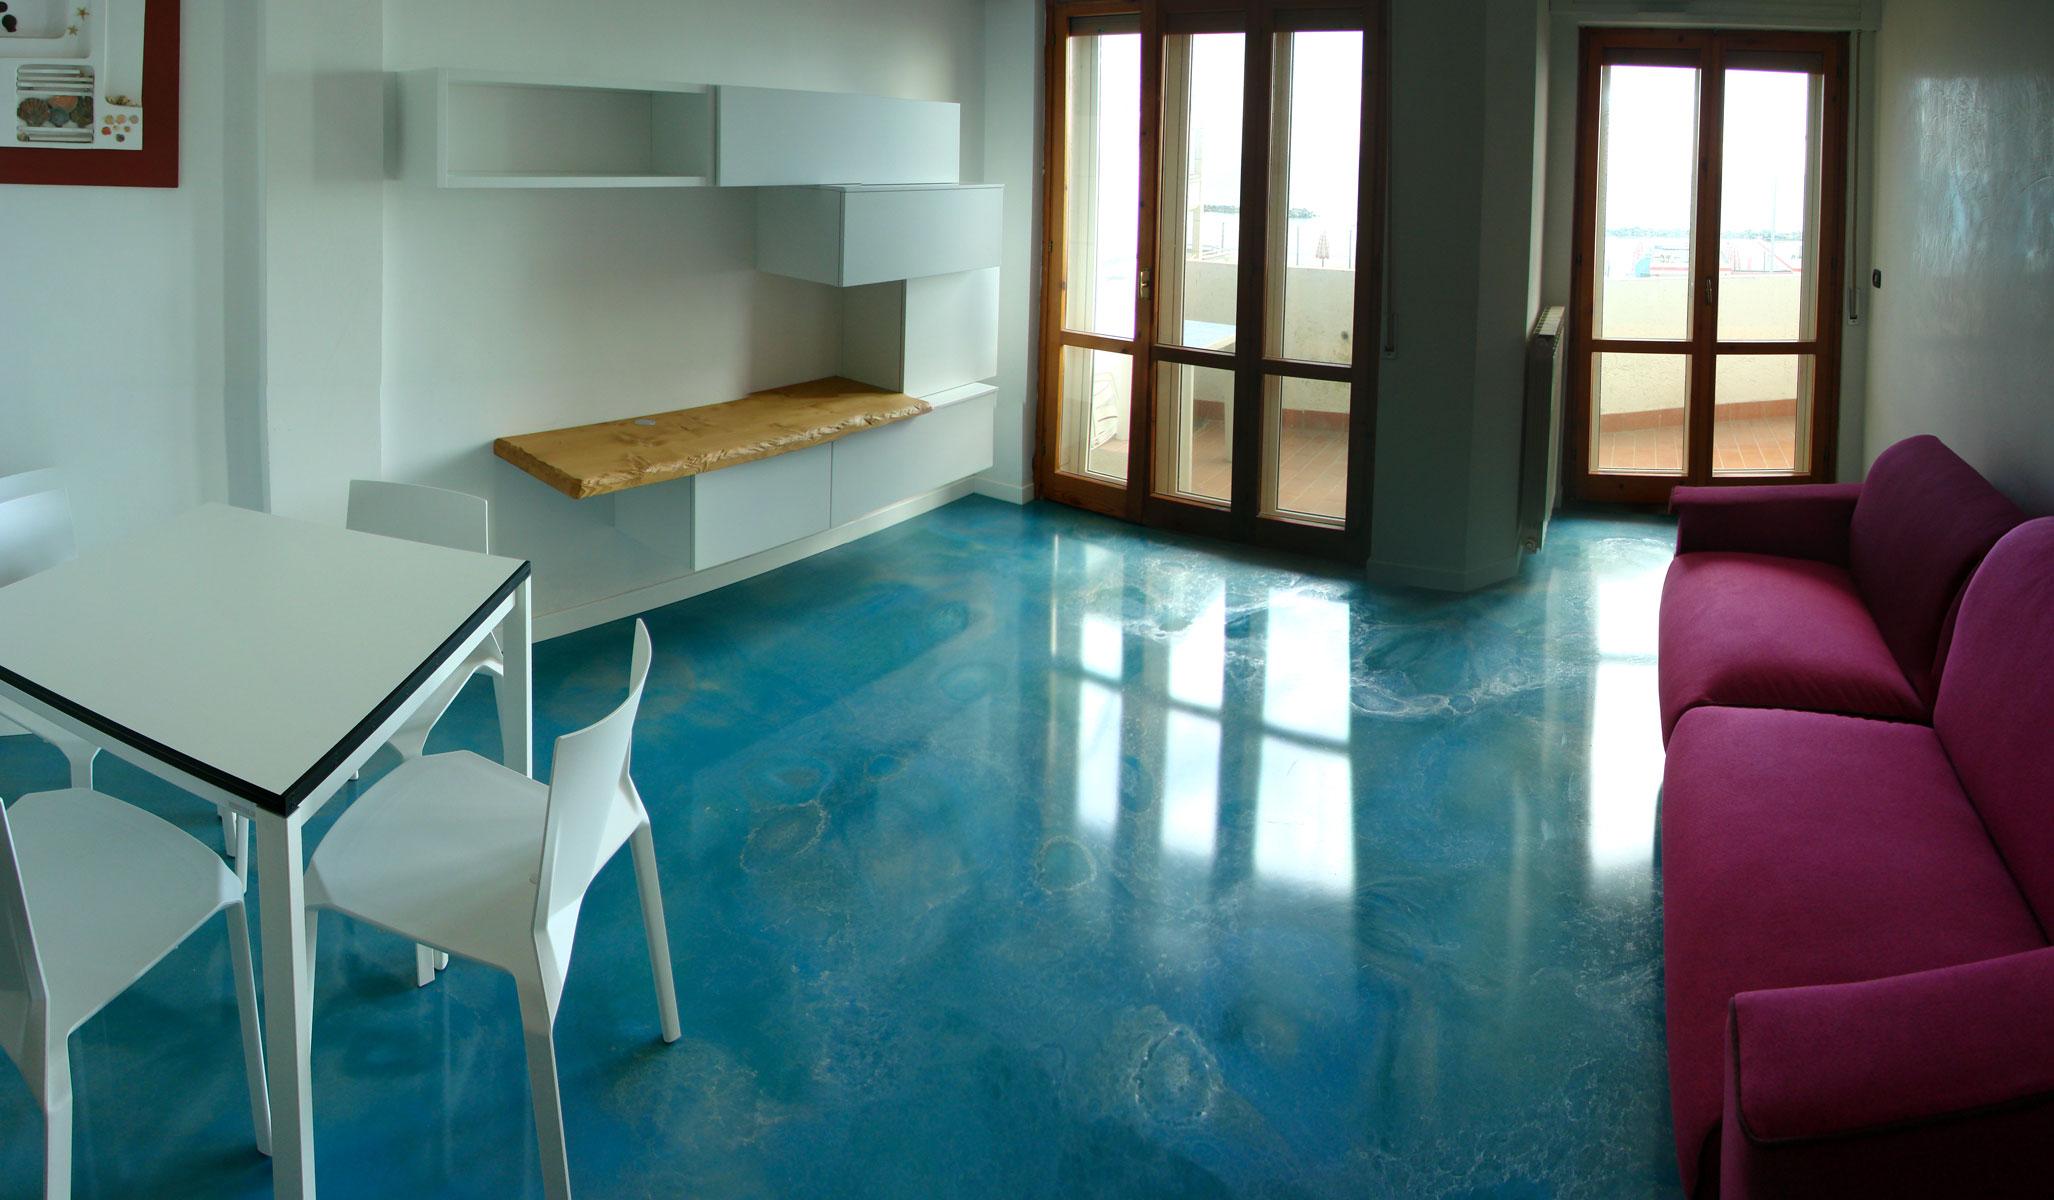 Botte in vetrocemento valore - Pavimenti per casa al mare ...